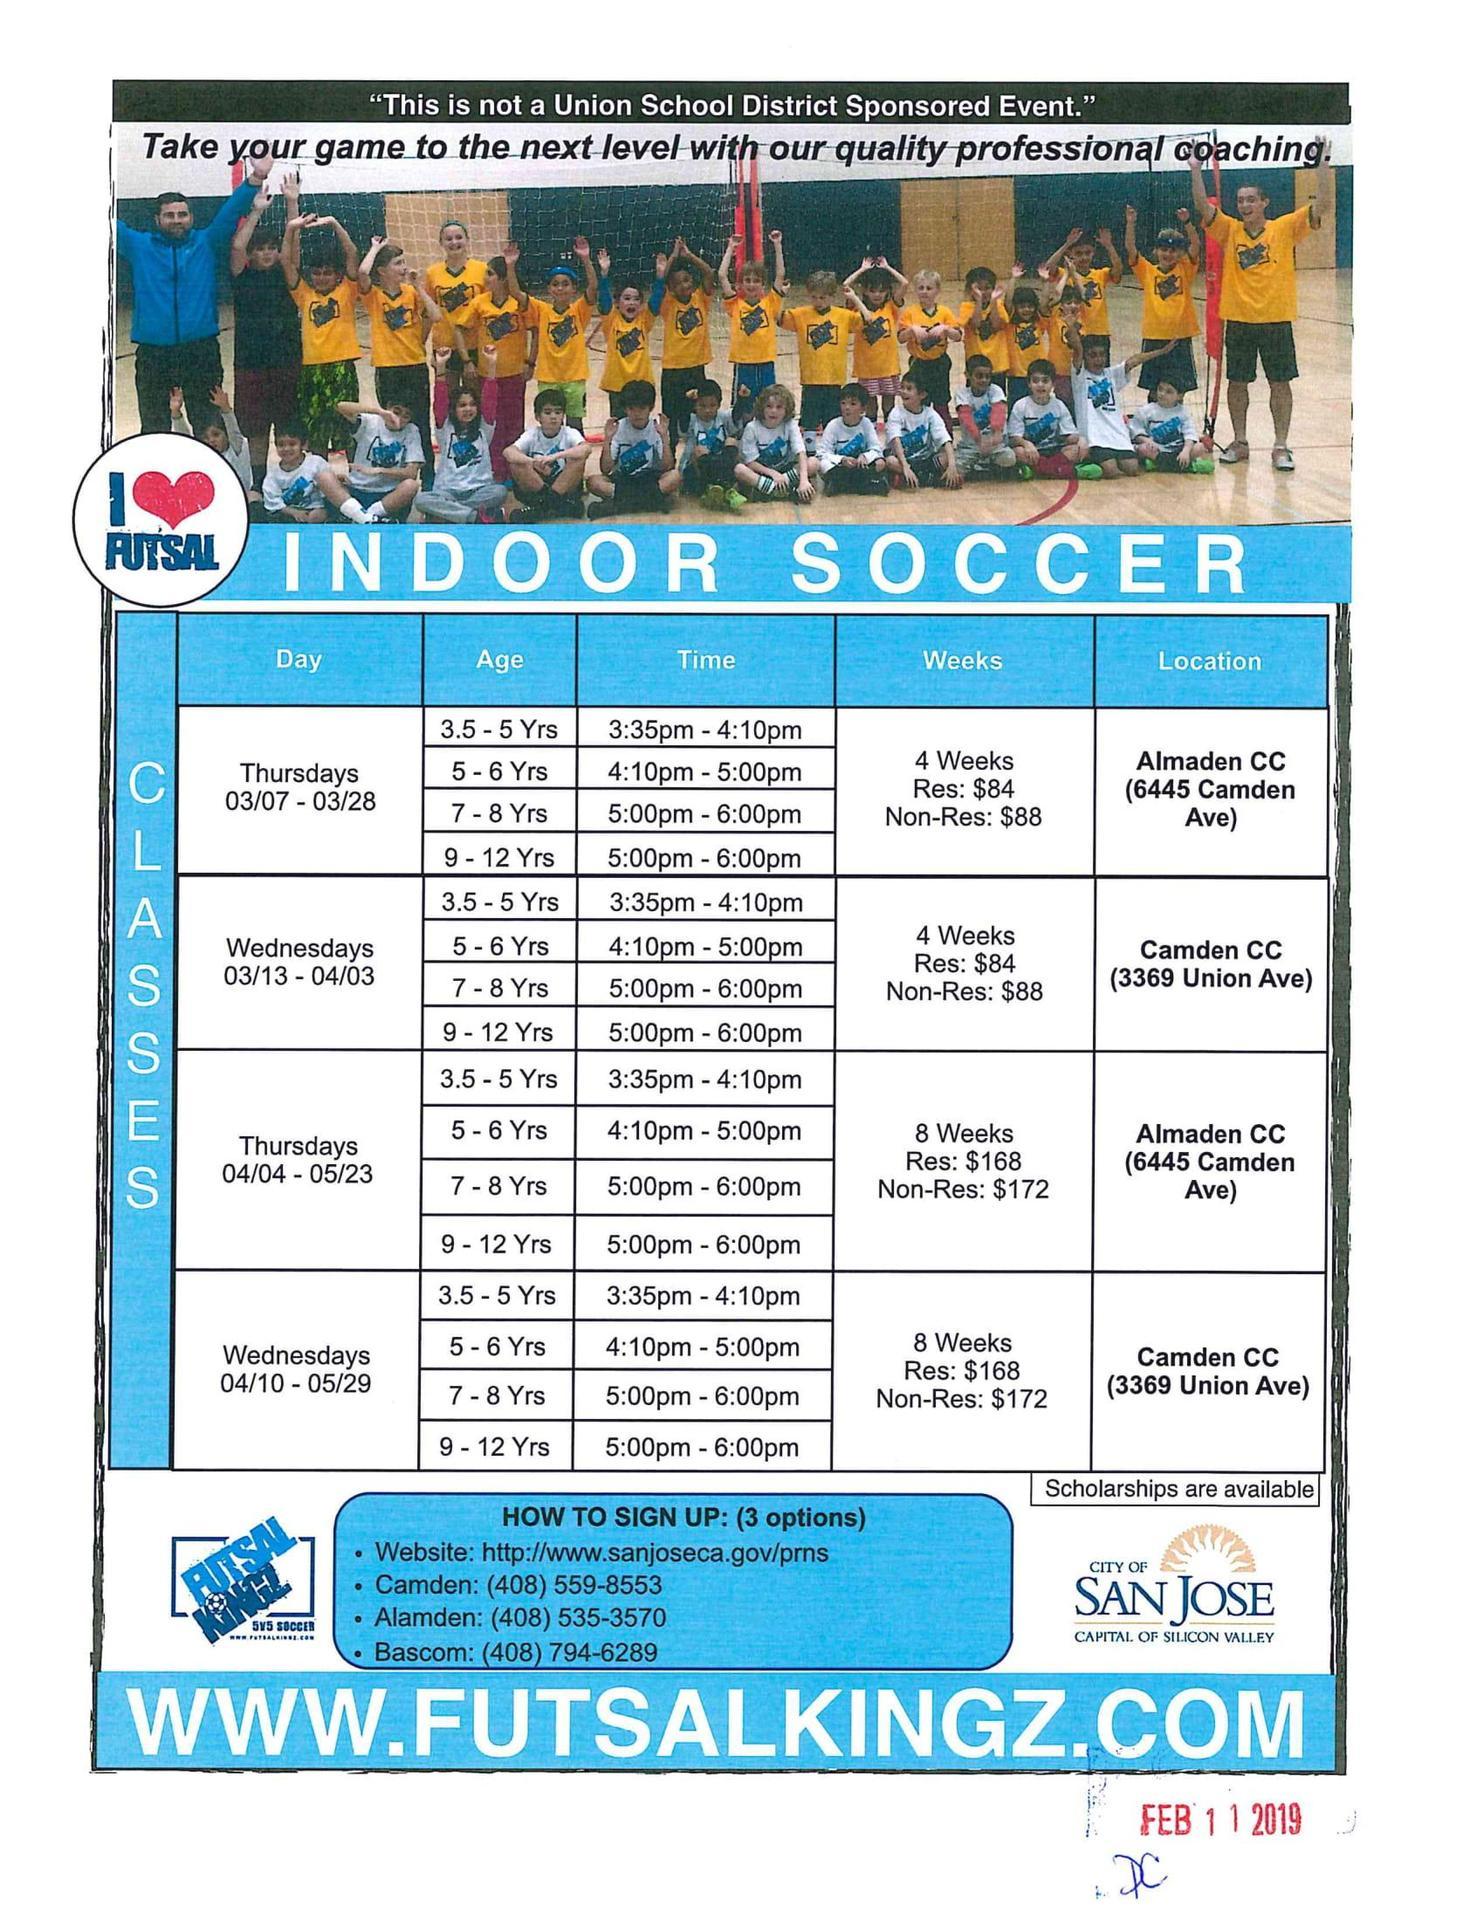 FutsalKingz Indoor Soccer